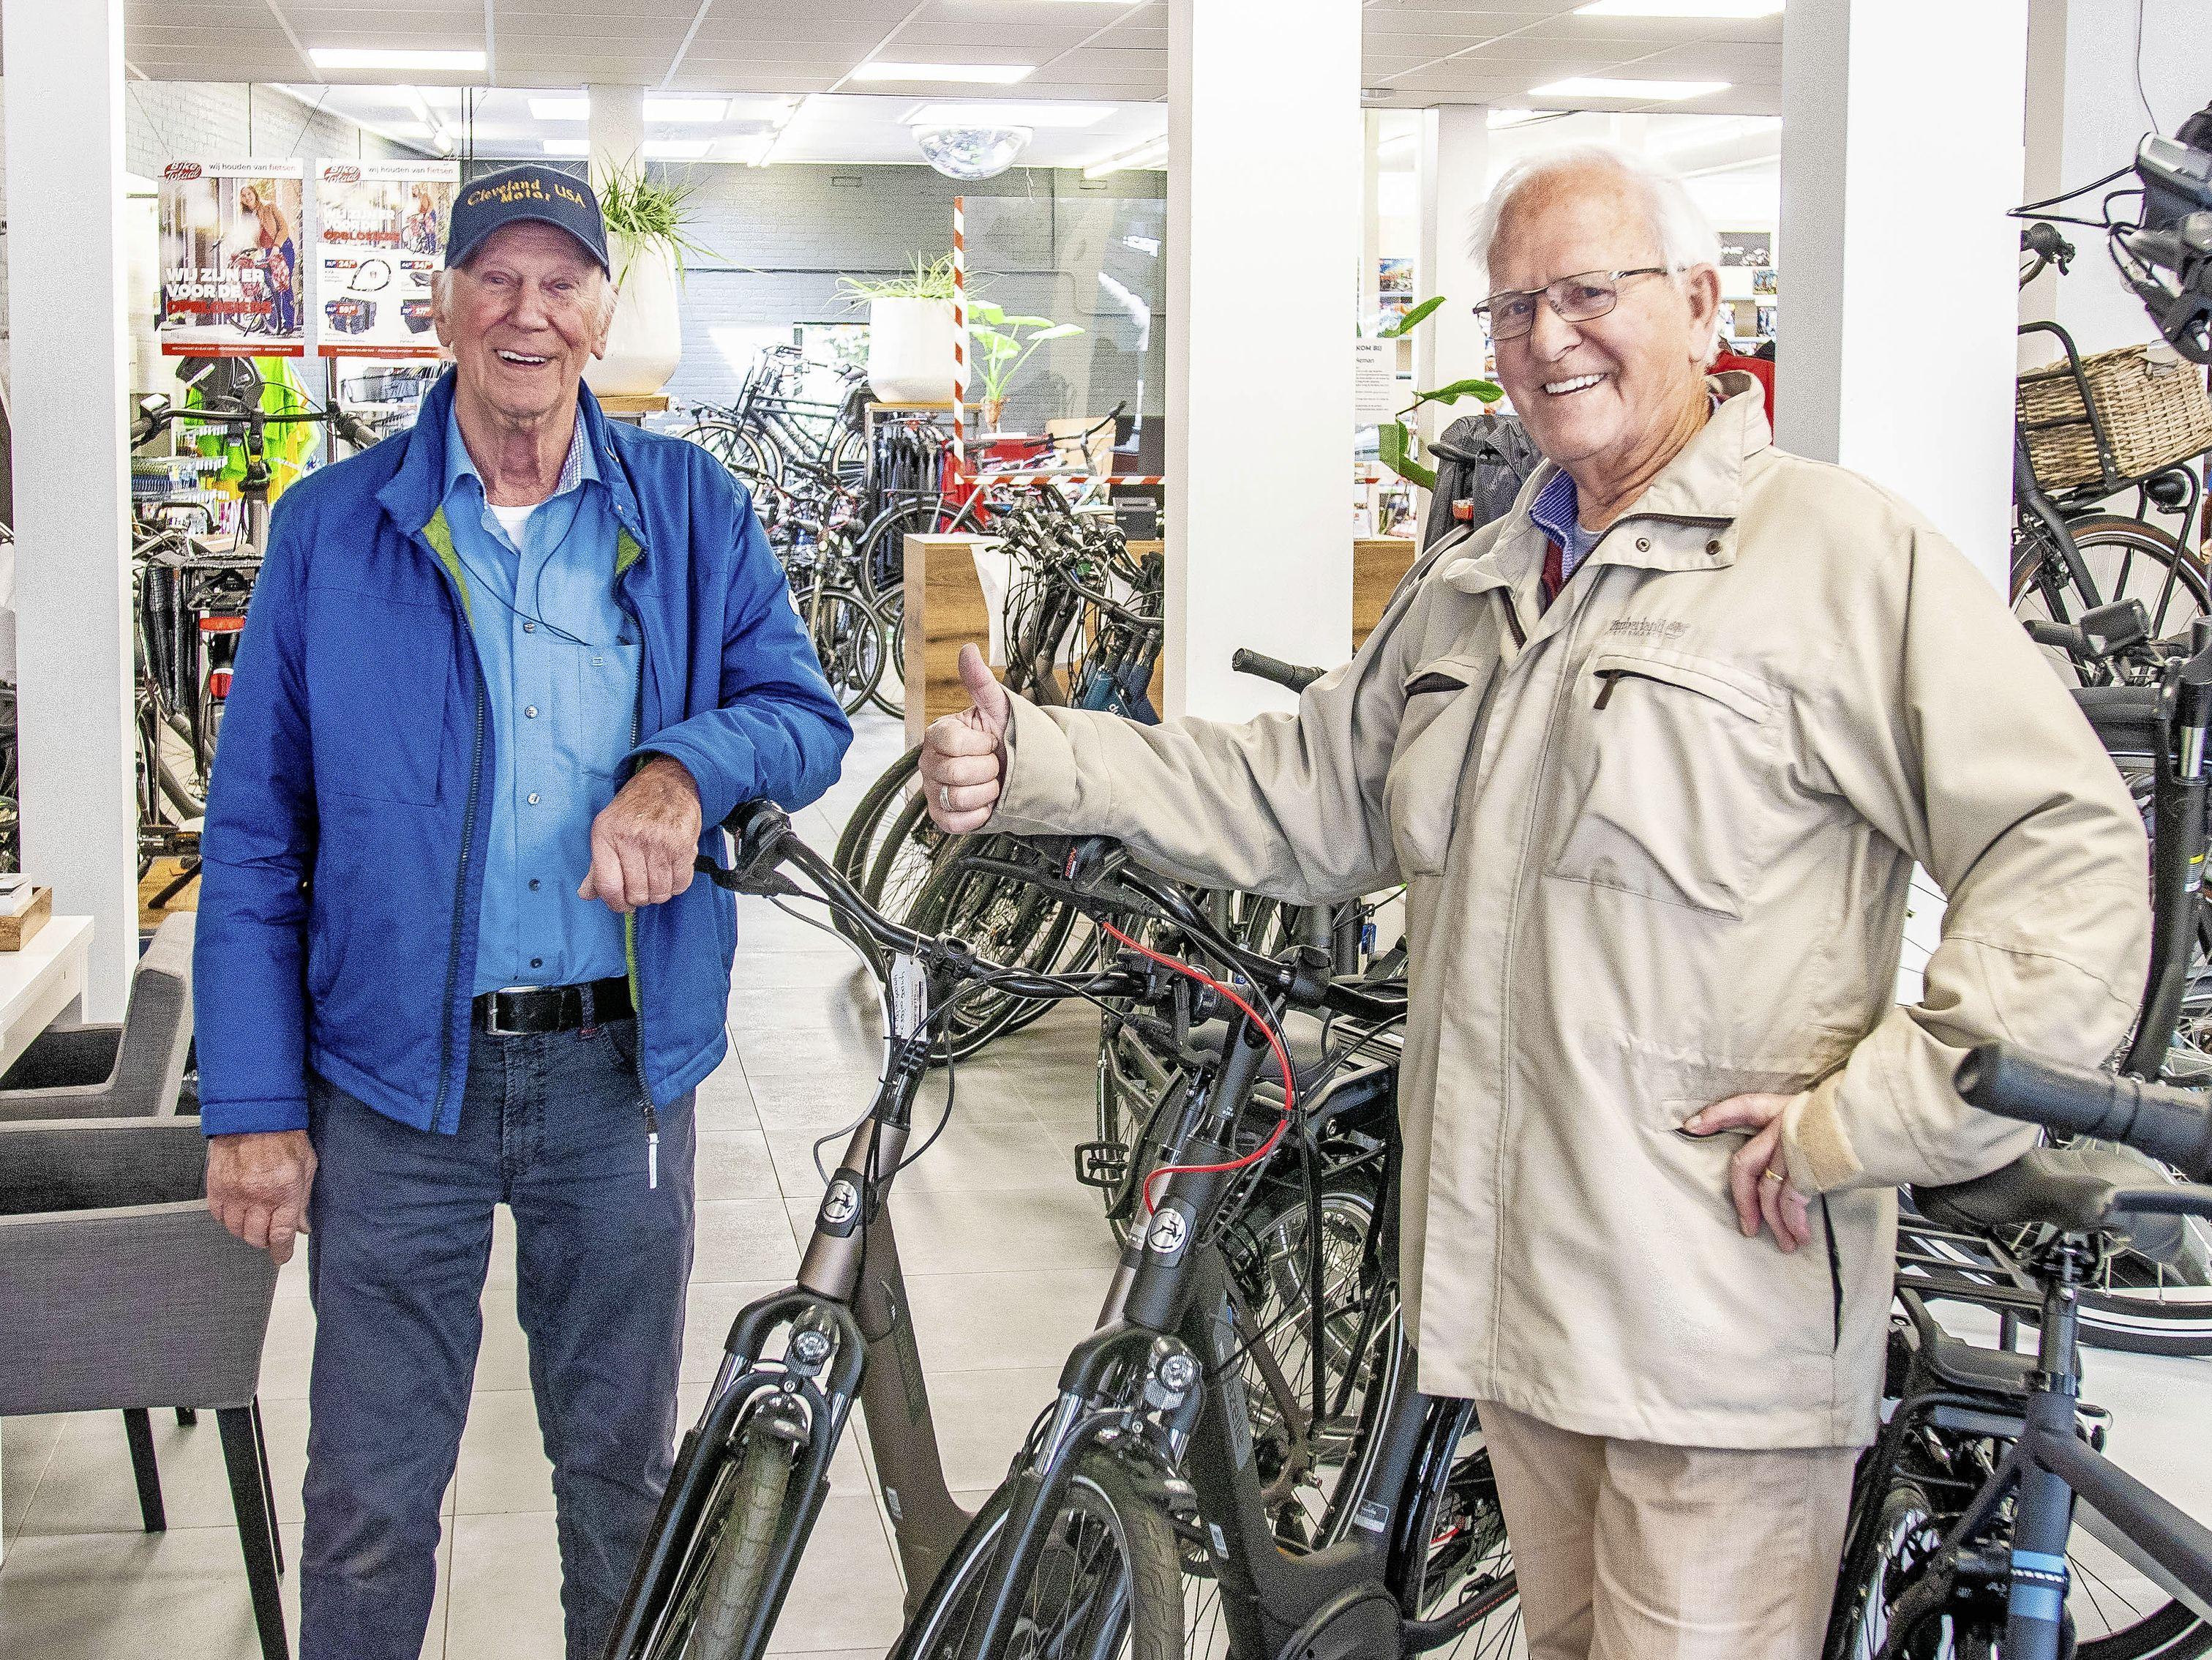 Moudou uit Gambia traint nu voor de Paralympische Spelen op een driewiel-handfiets uit Warmenhuizen. Fietszaak Heman kreeg het exemplaar na tachtig jaar terug van een revalidatiecentrum. 'Wonderlijk'